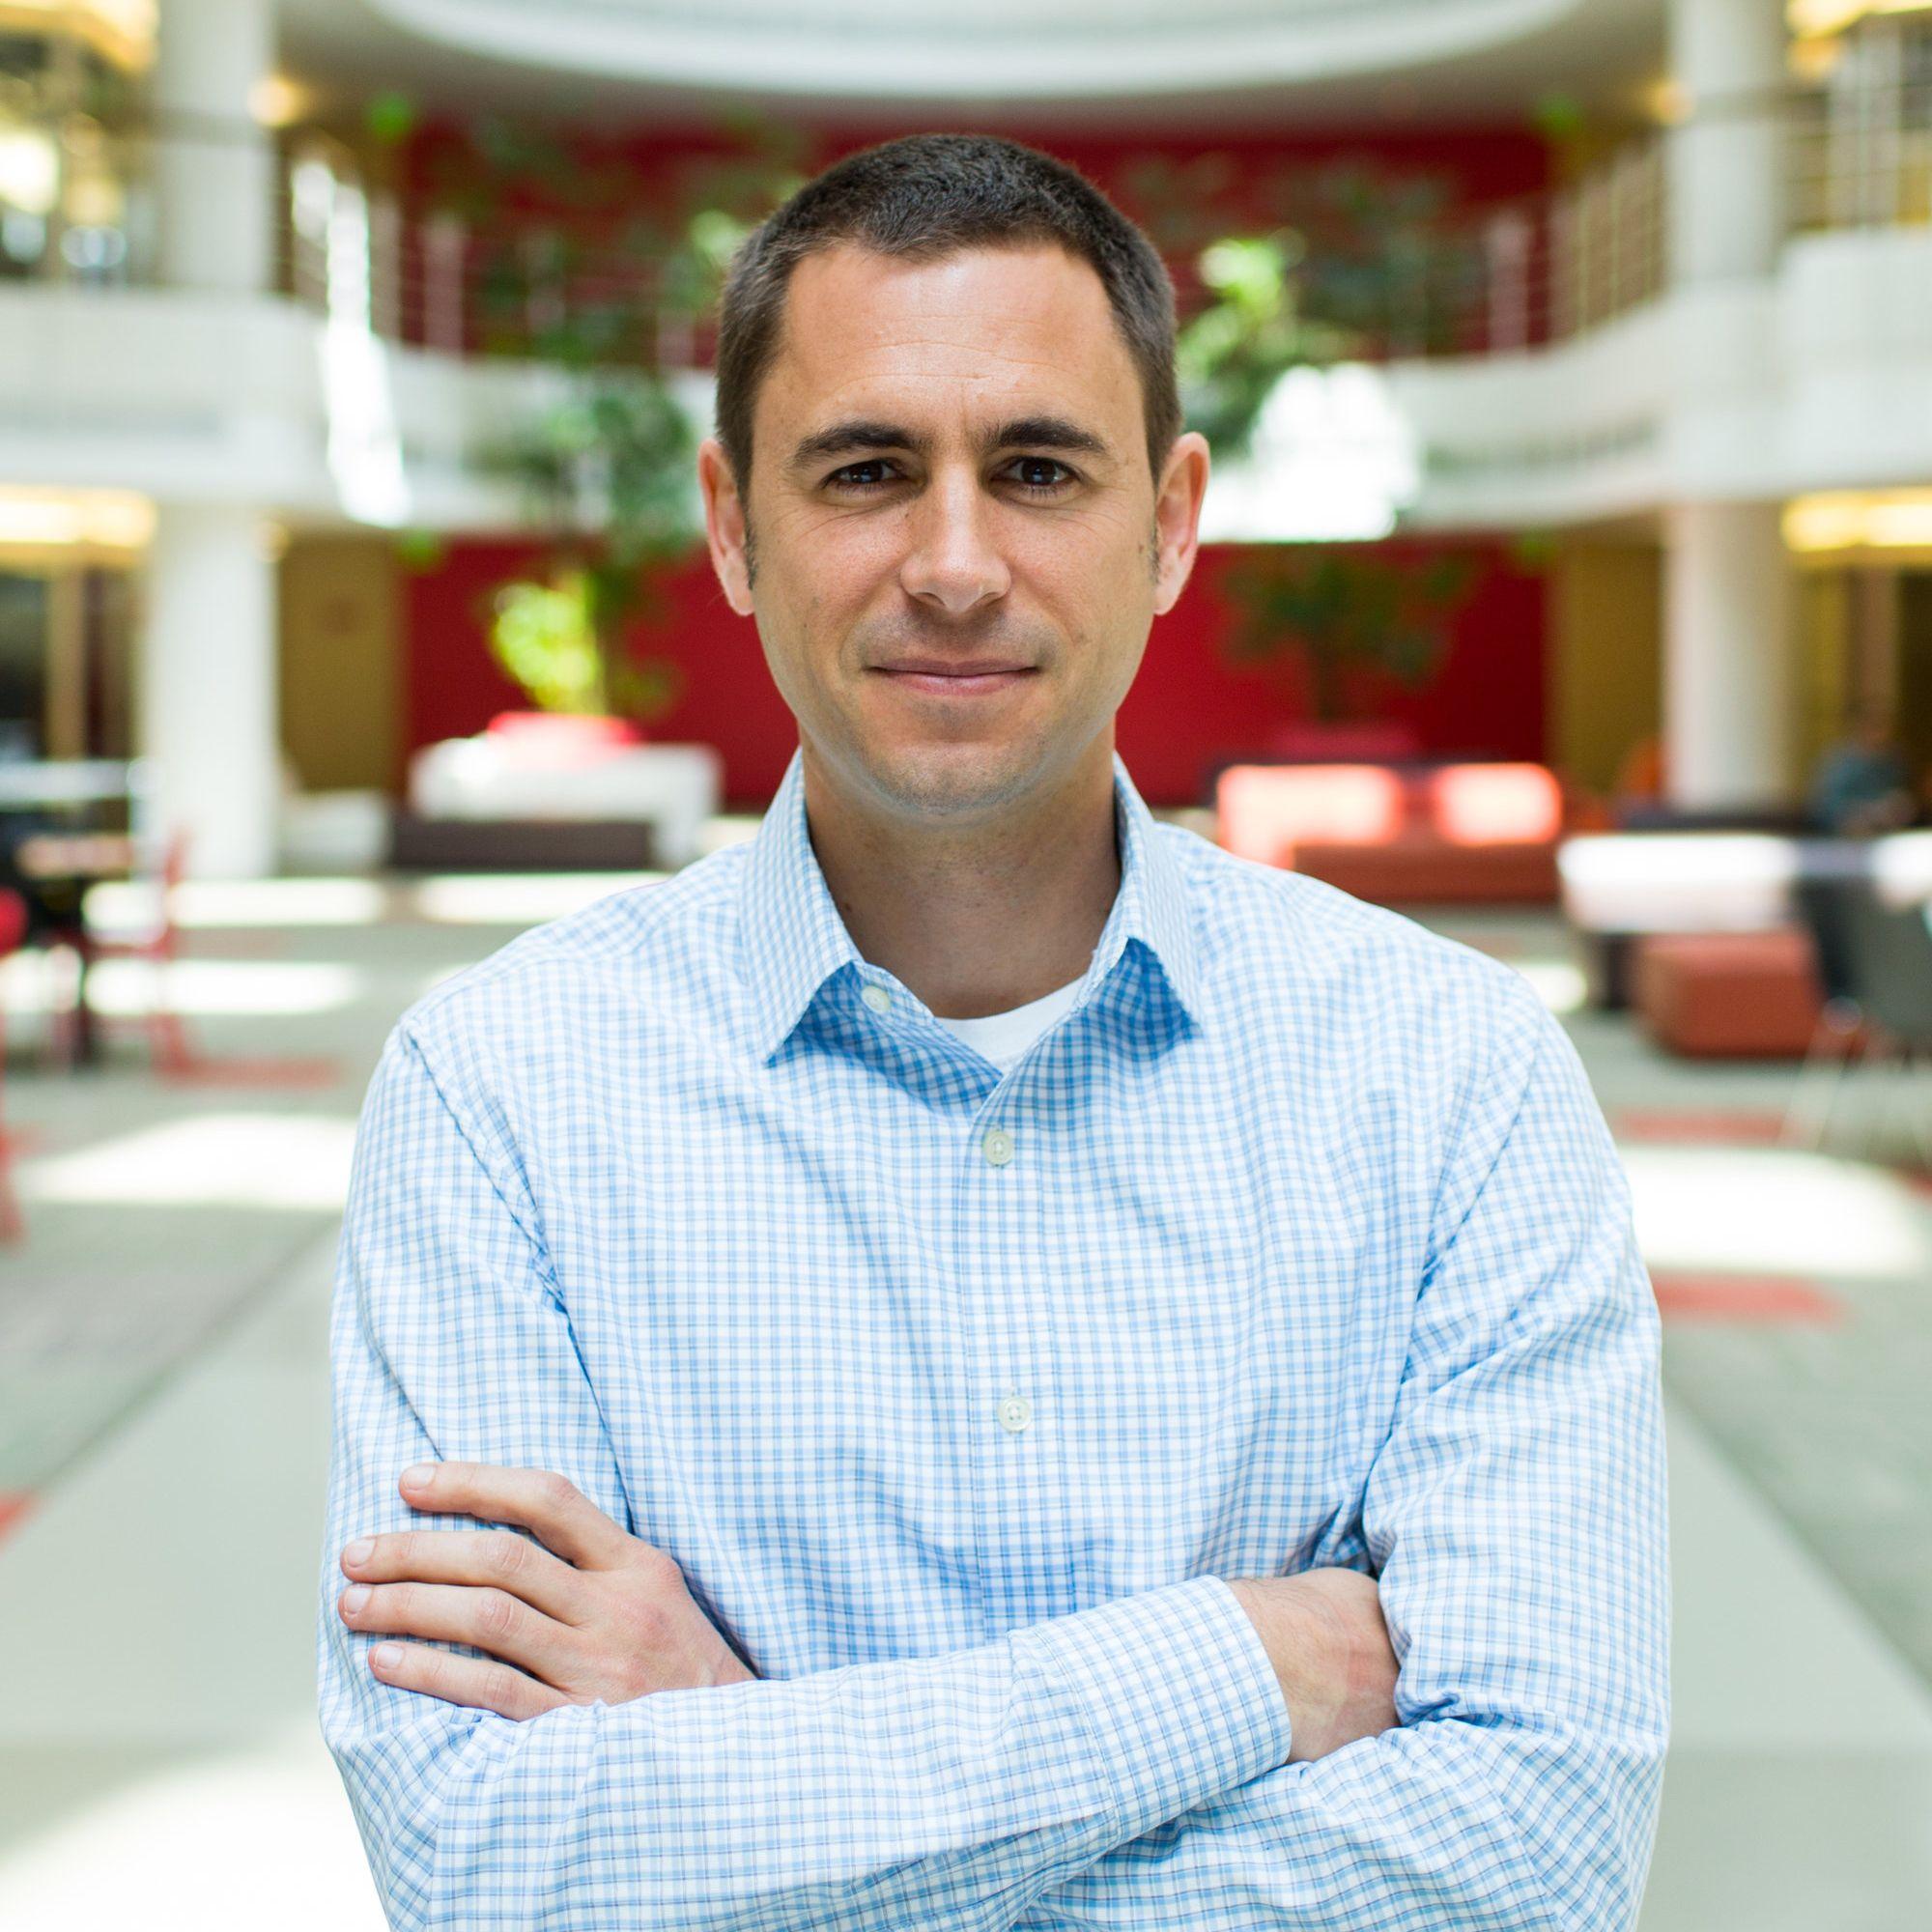 Rob Bruggner